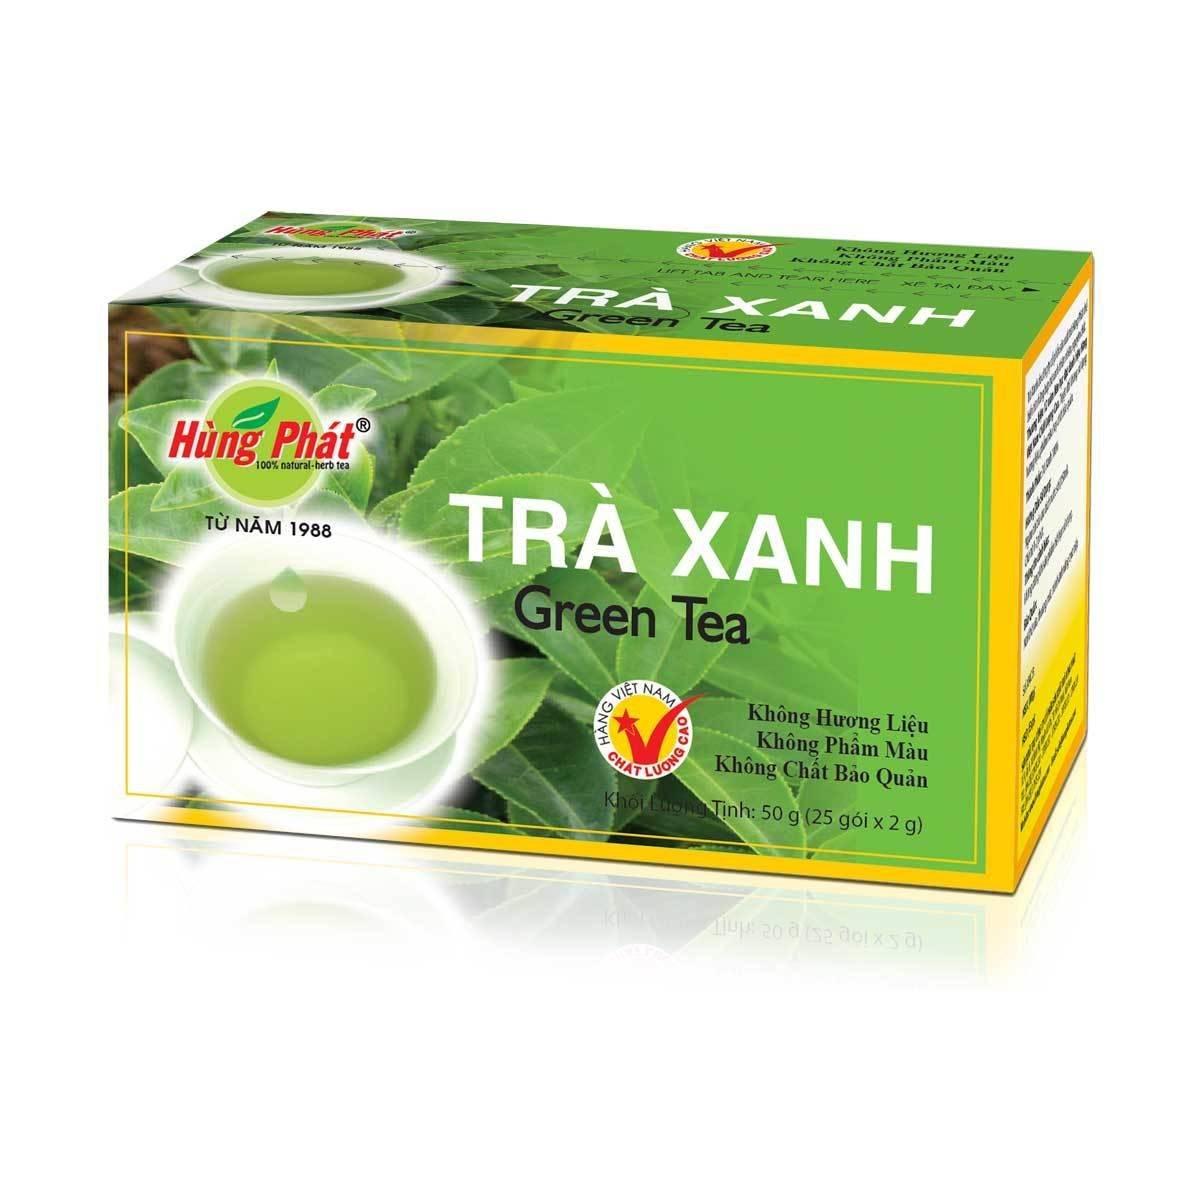 Вьетнамский чай: виды, искусство заваривания